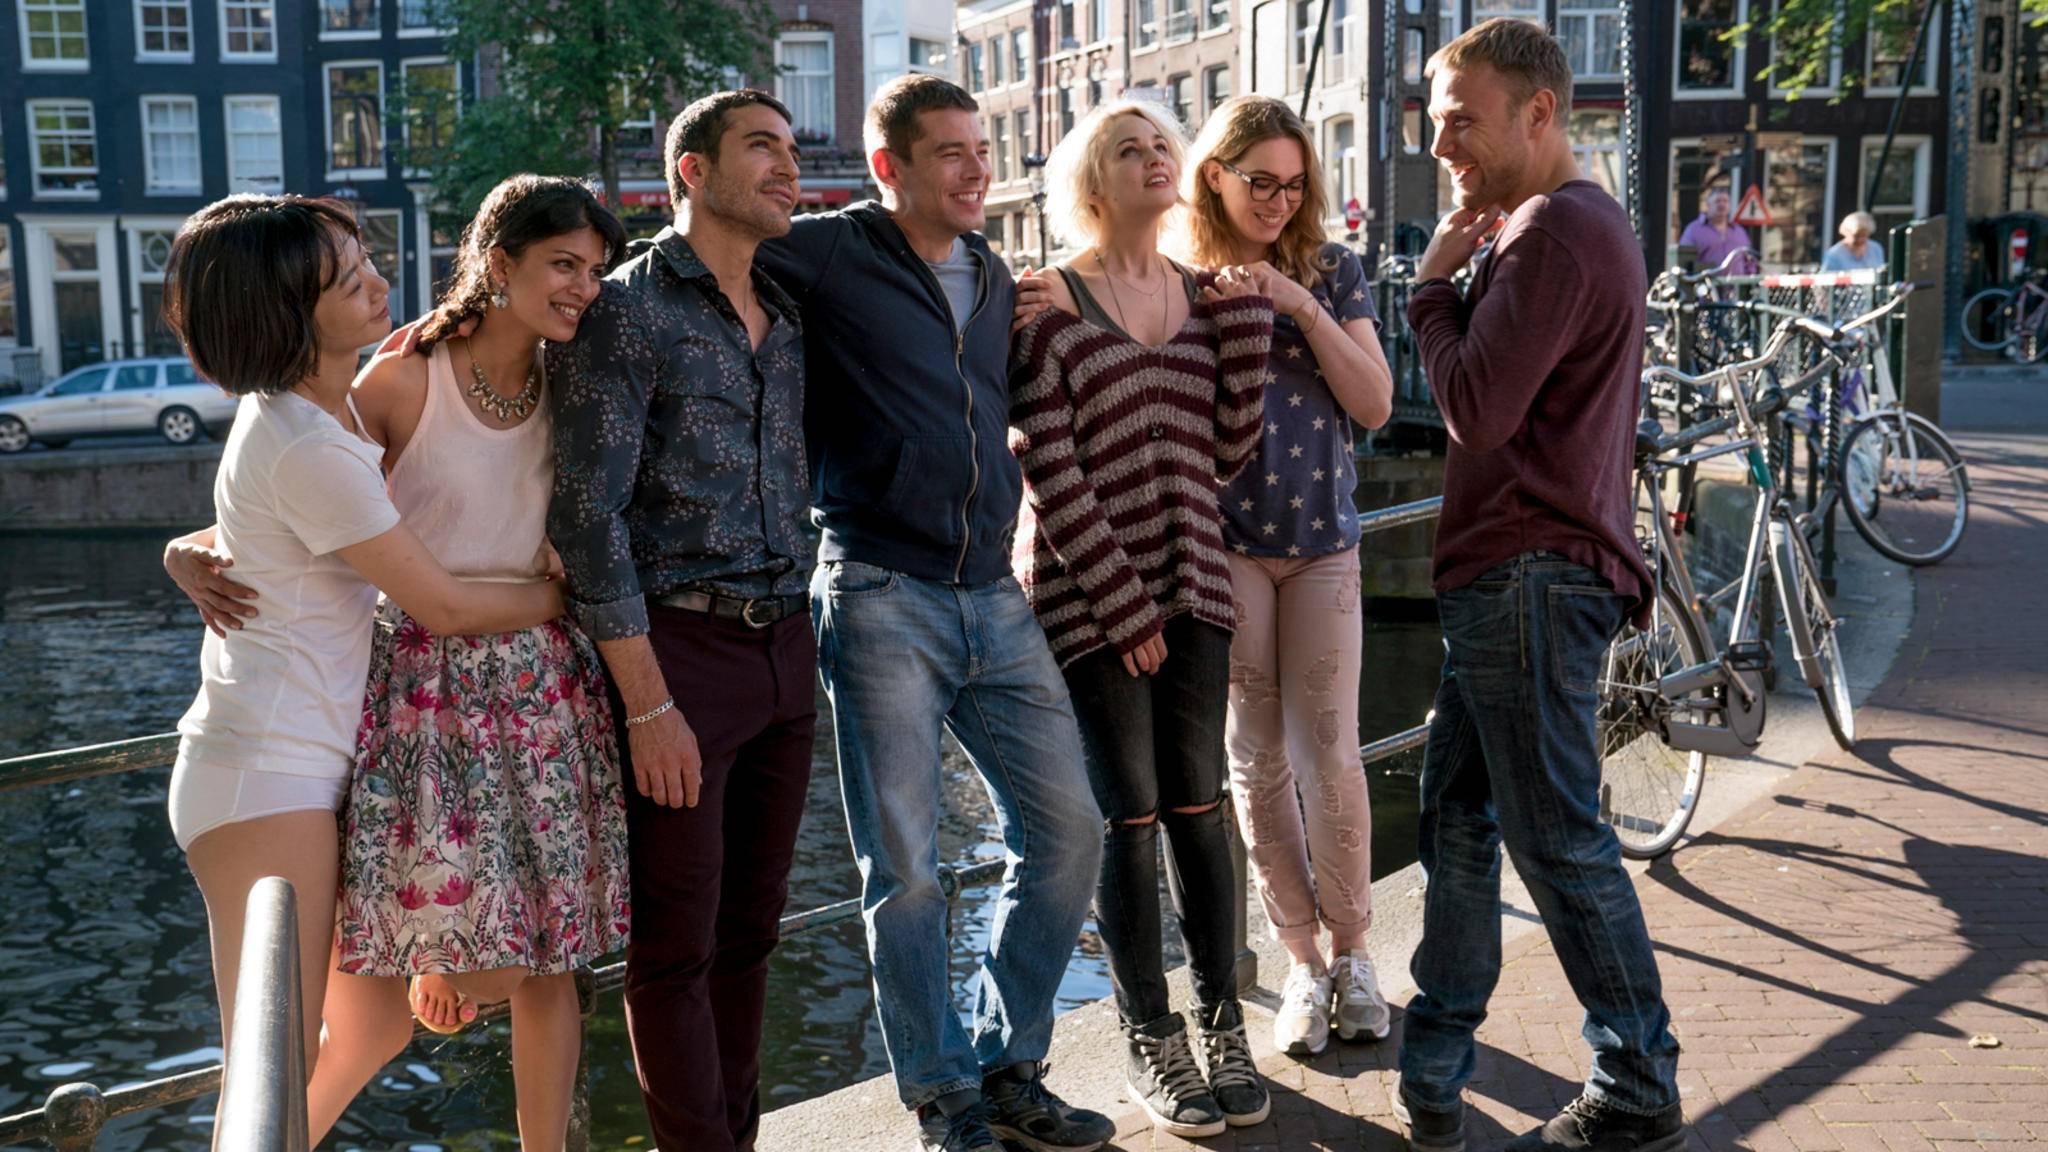 """Kein Wiedersehen mit den Sensates! Staffel 3 von """"Sense8"""" wird nicht kommen – daran ändert auch eine Petition nichts."""